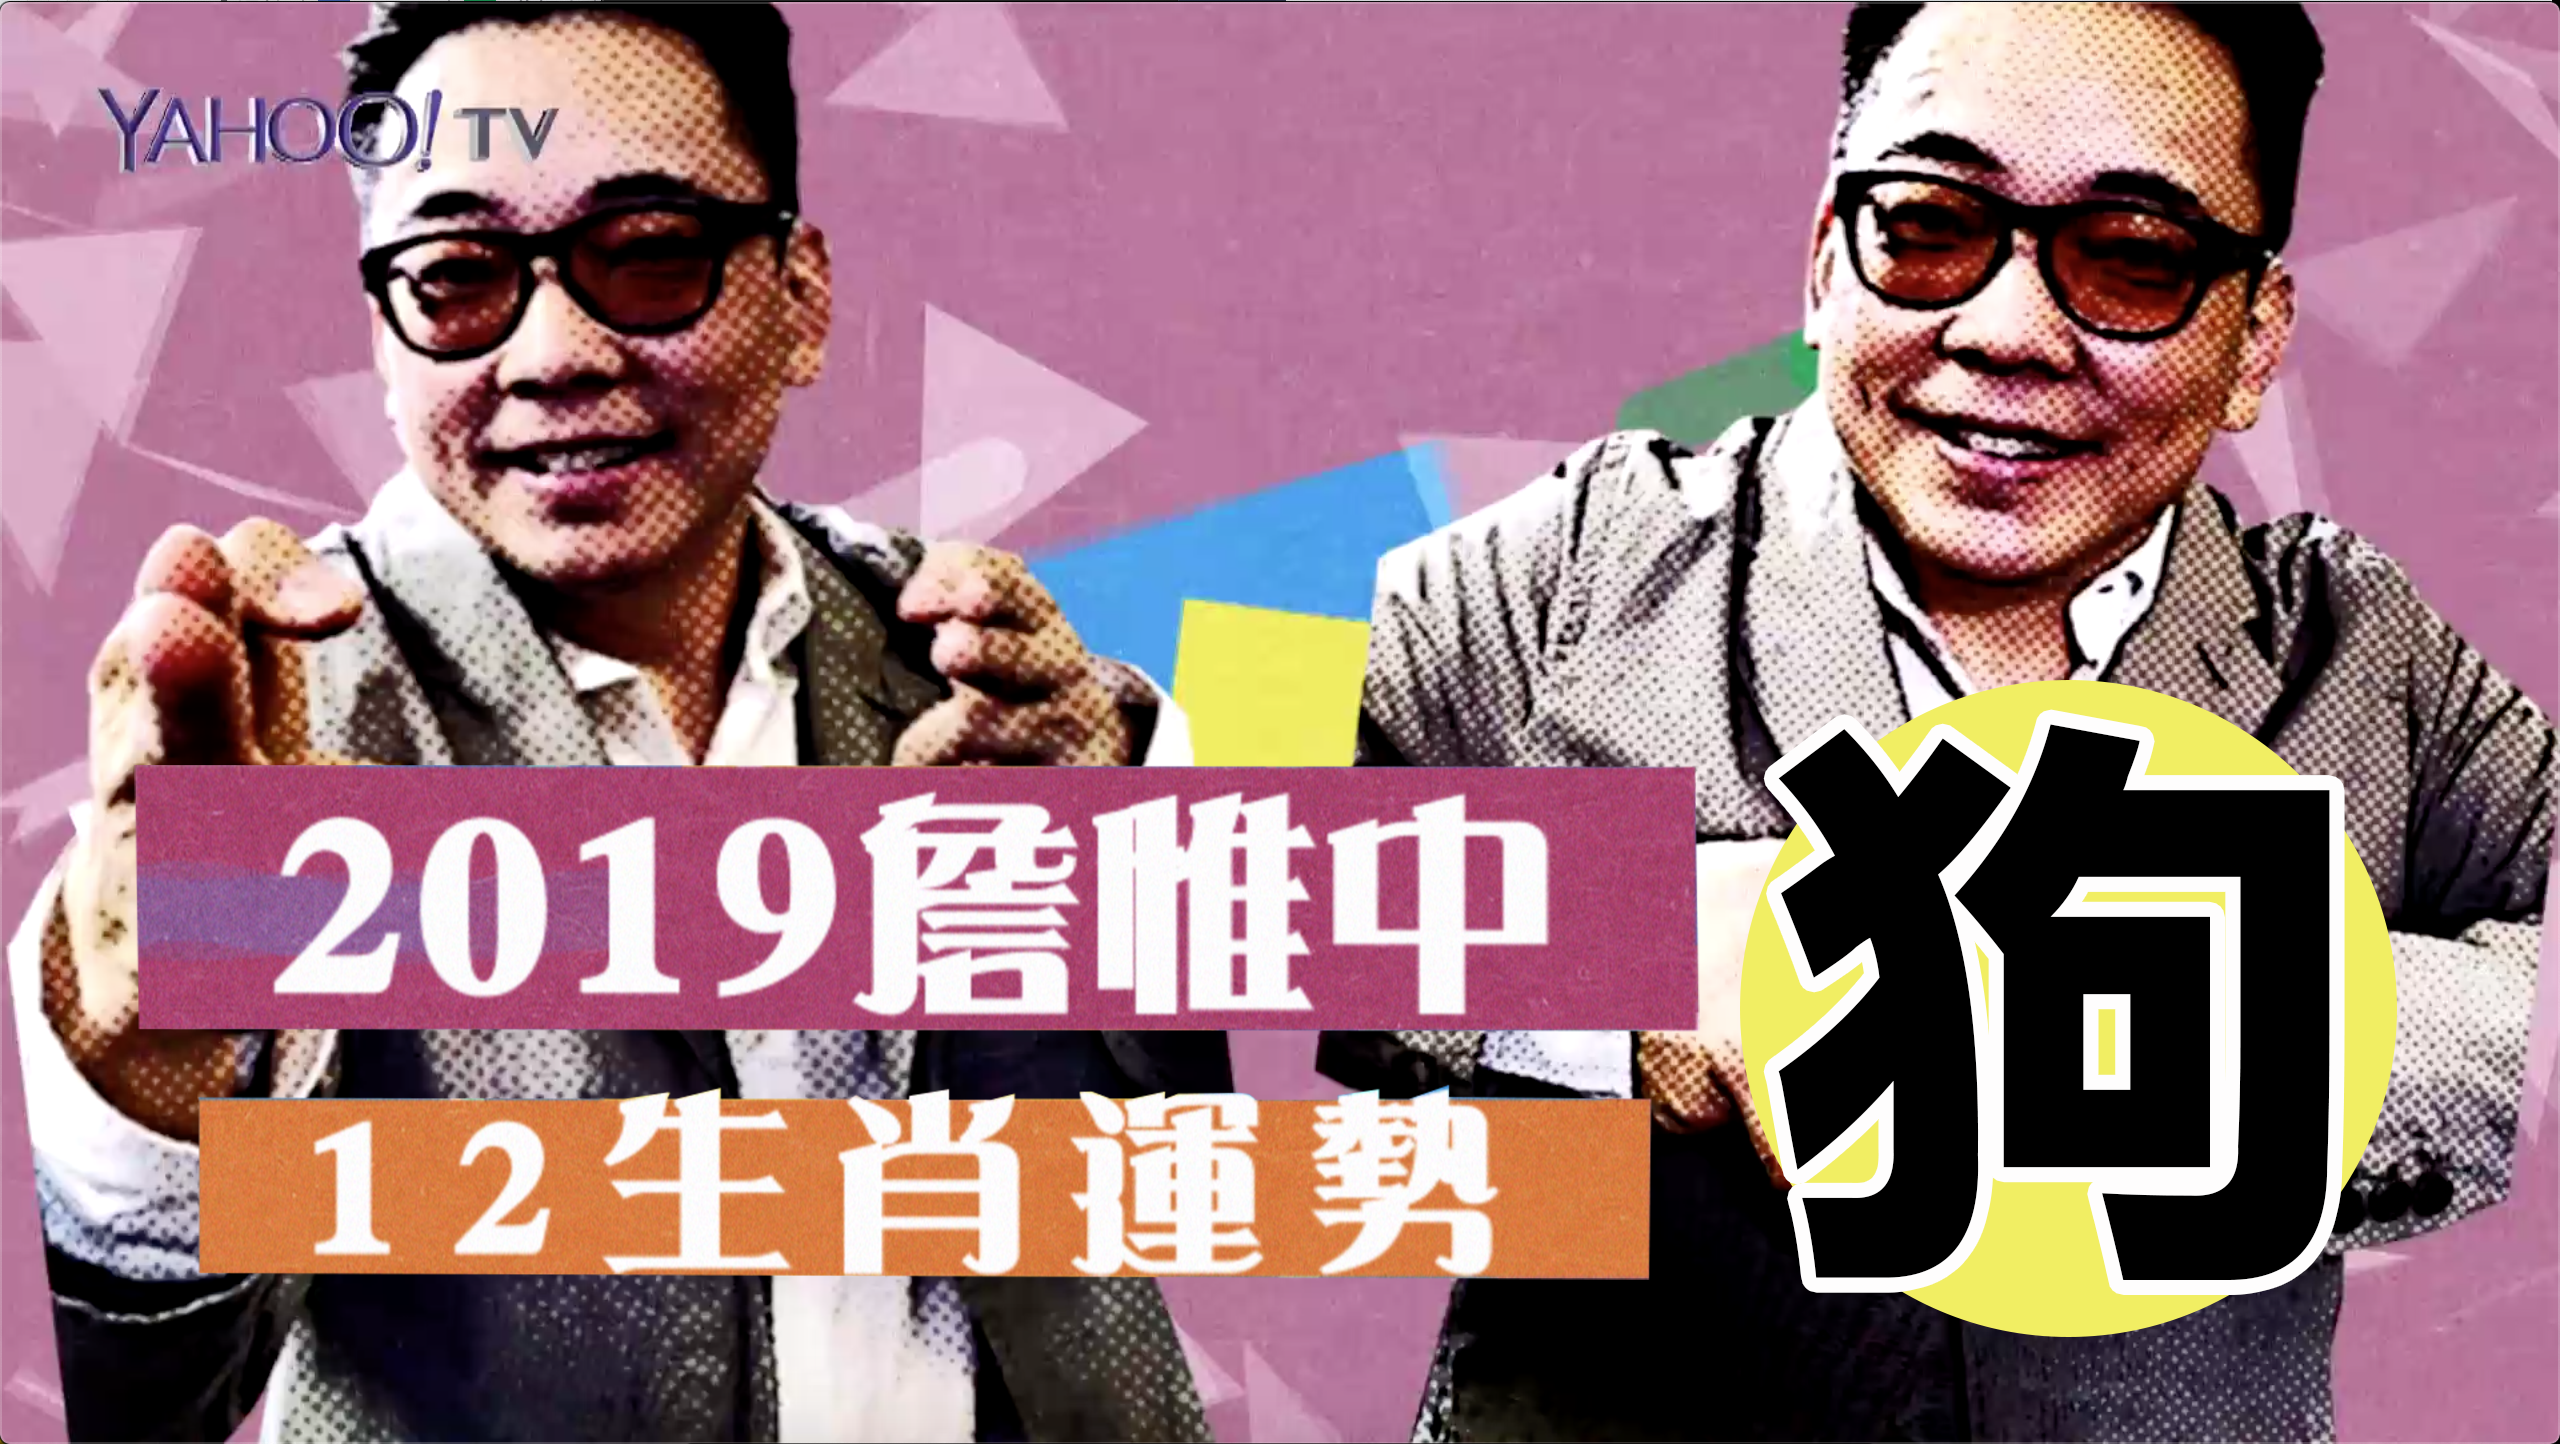 【狗】2019 流年事業運勢 - 詹惟中生肖運勢